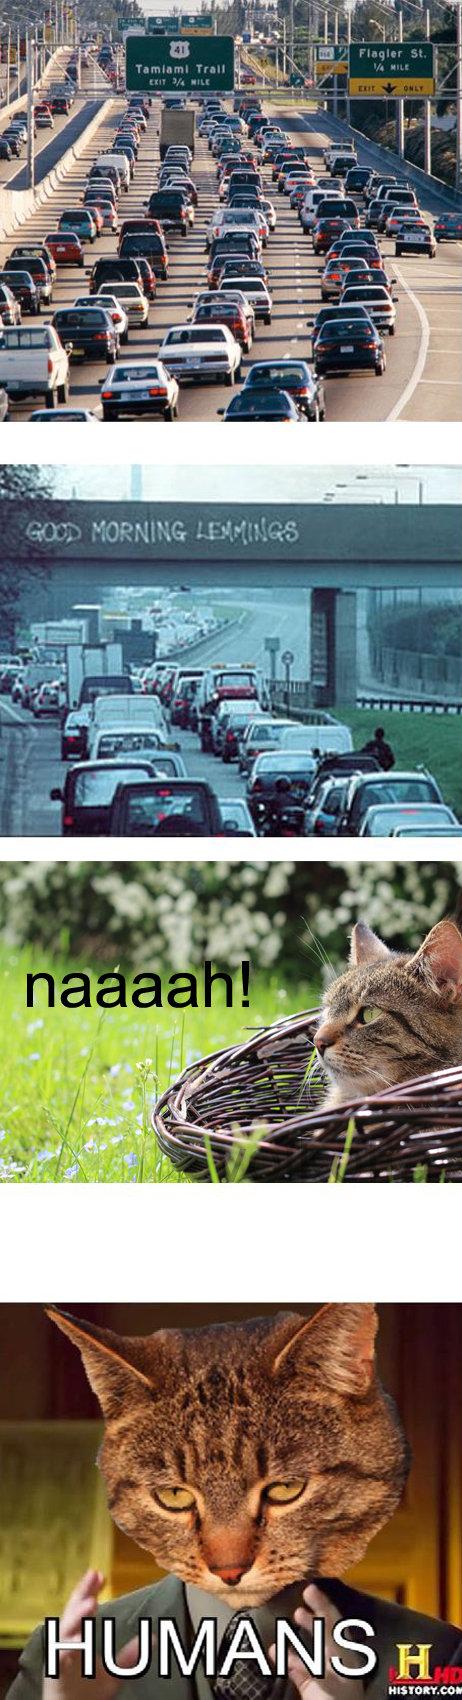 naaah!. oc oc oc. naaah Cats humans